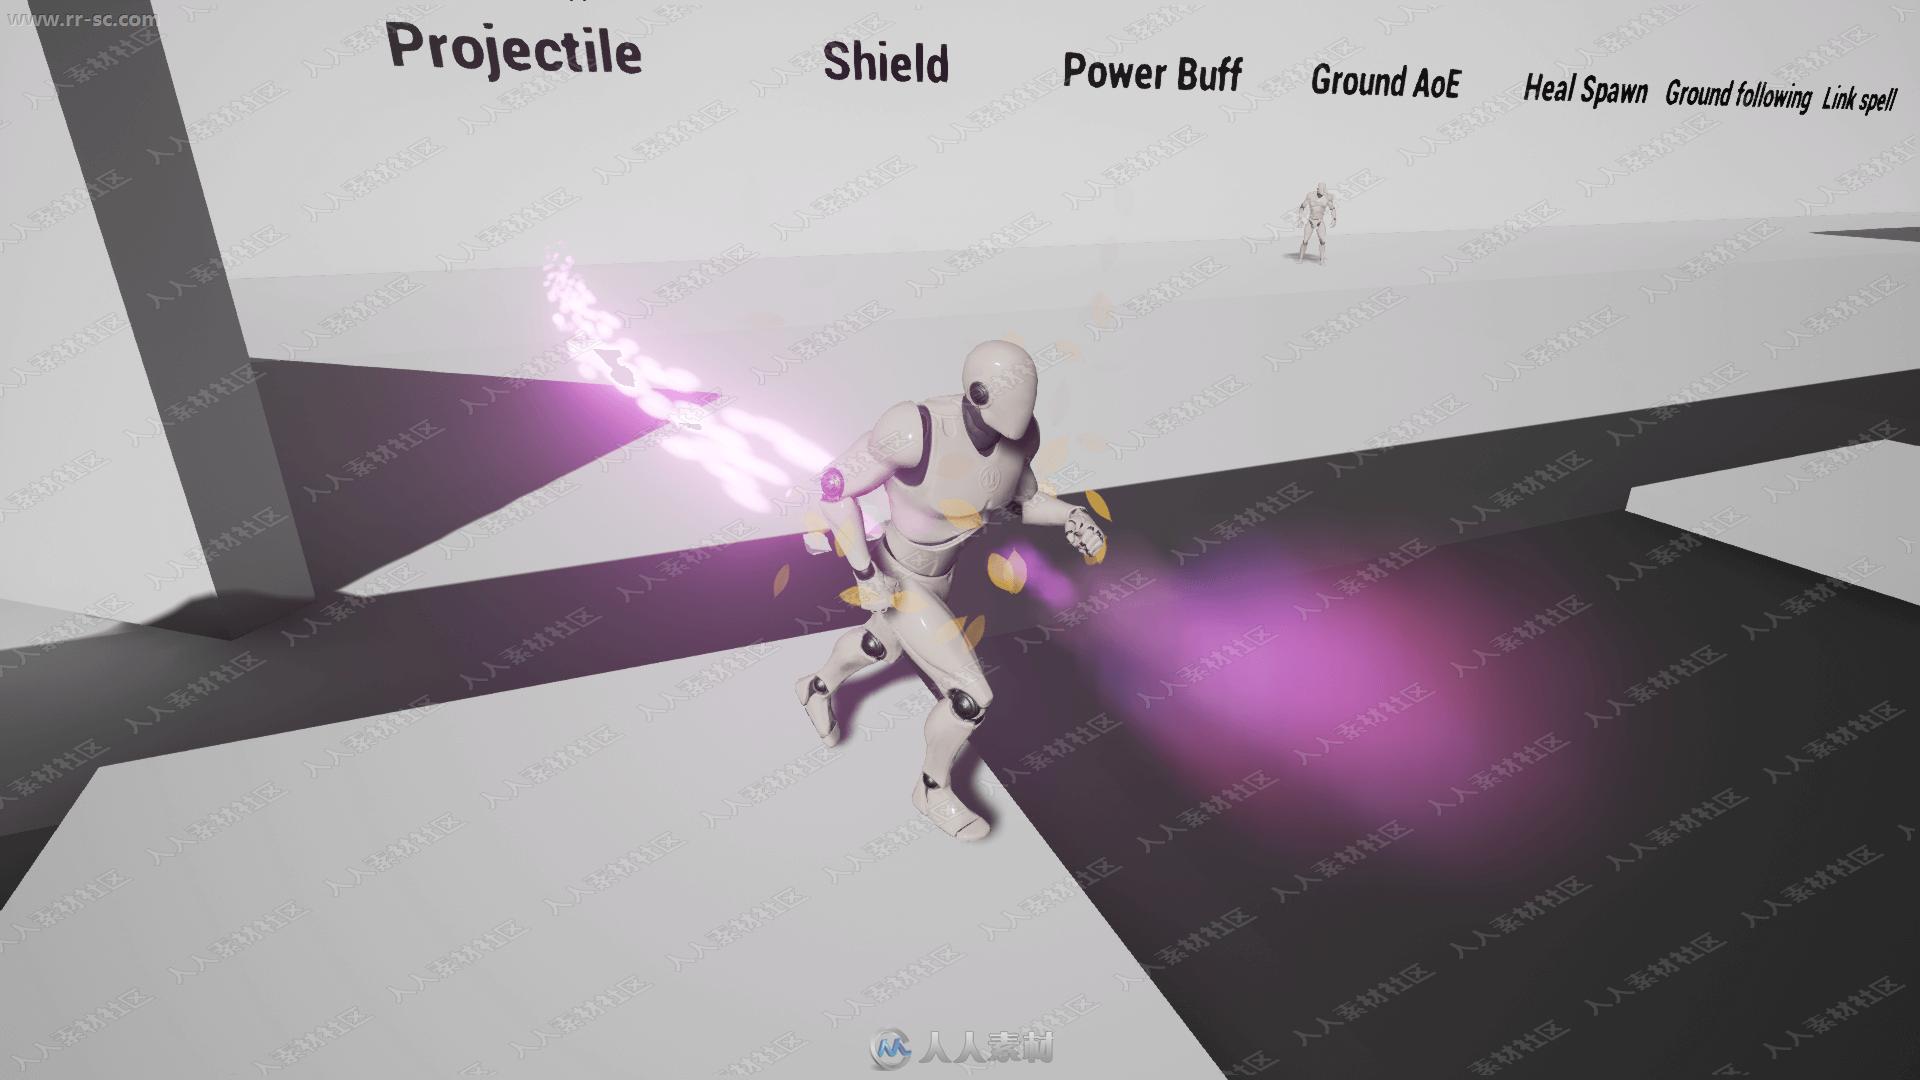 游戏法术高伤害粒子效果蓝图UE4游戏素材资源